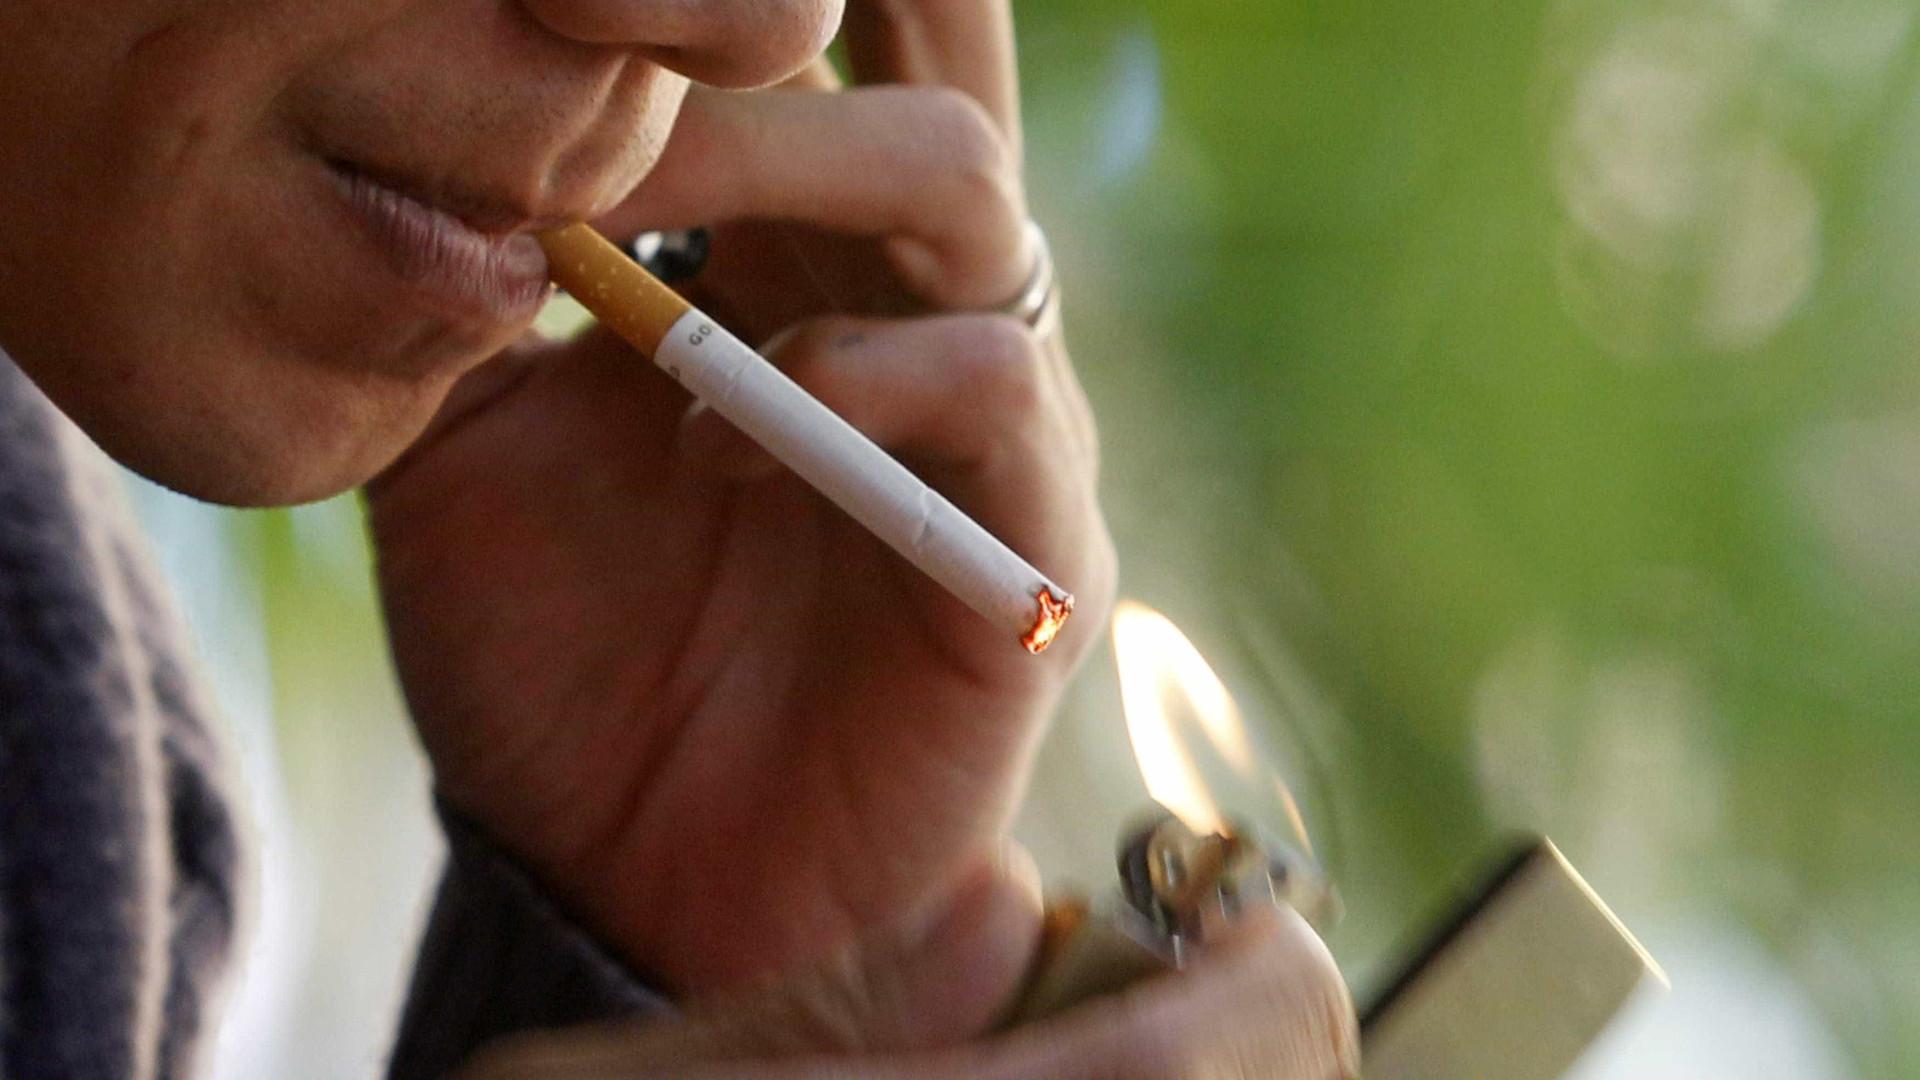 E se houvesse um 'perímetro de segurança' para fumadores?